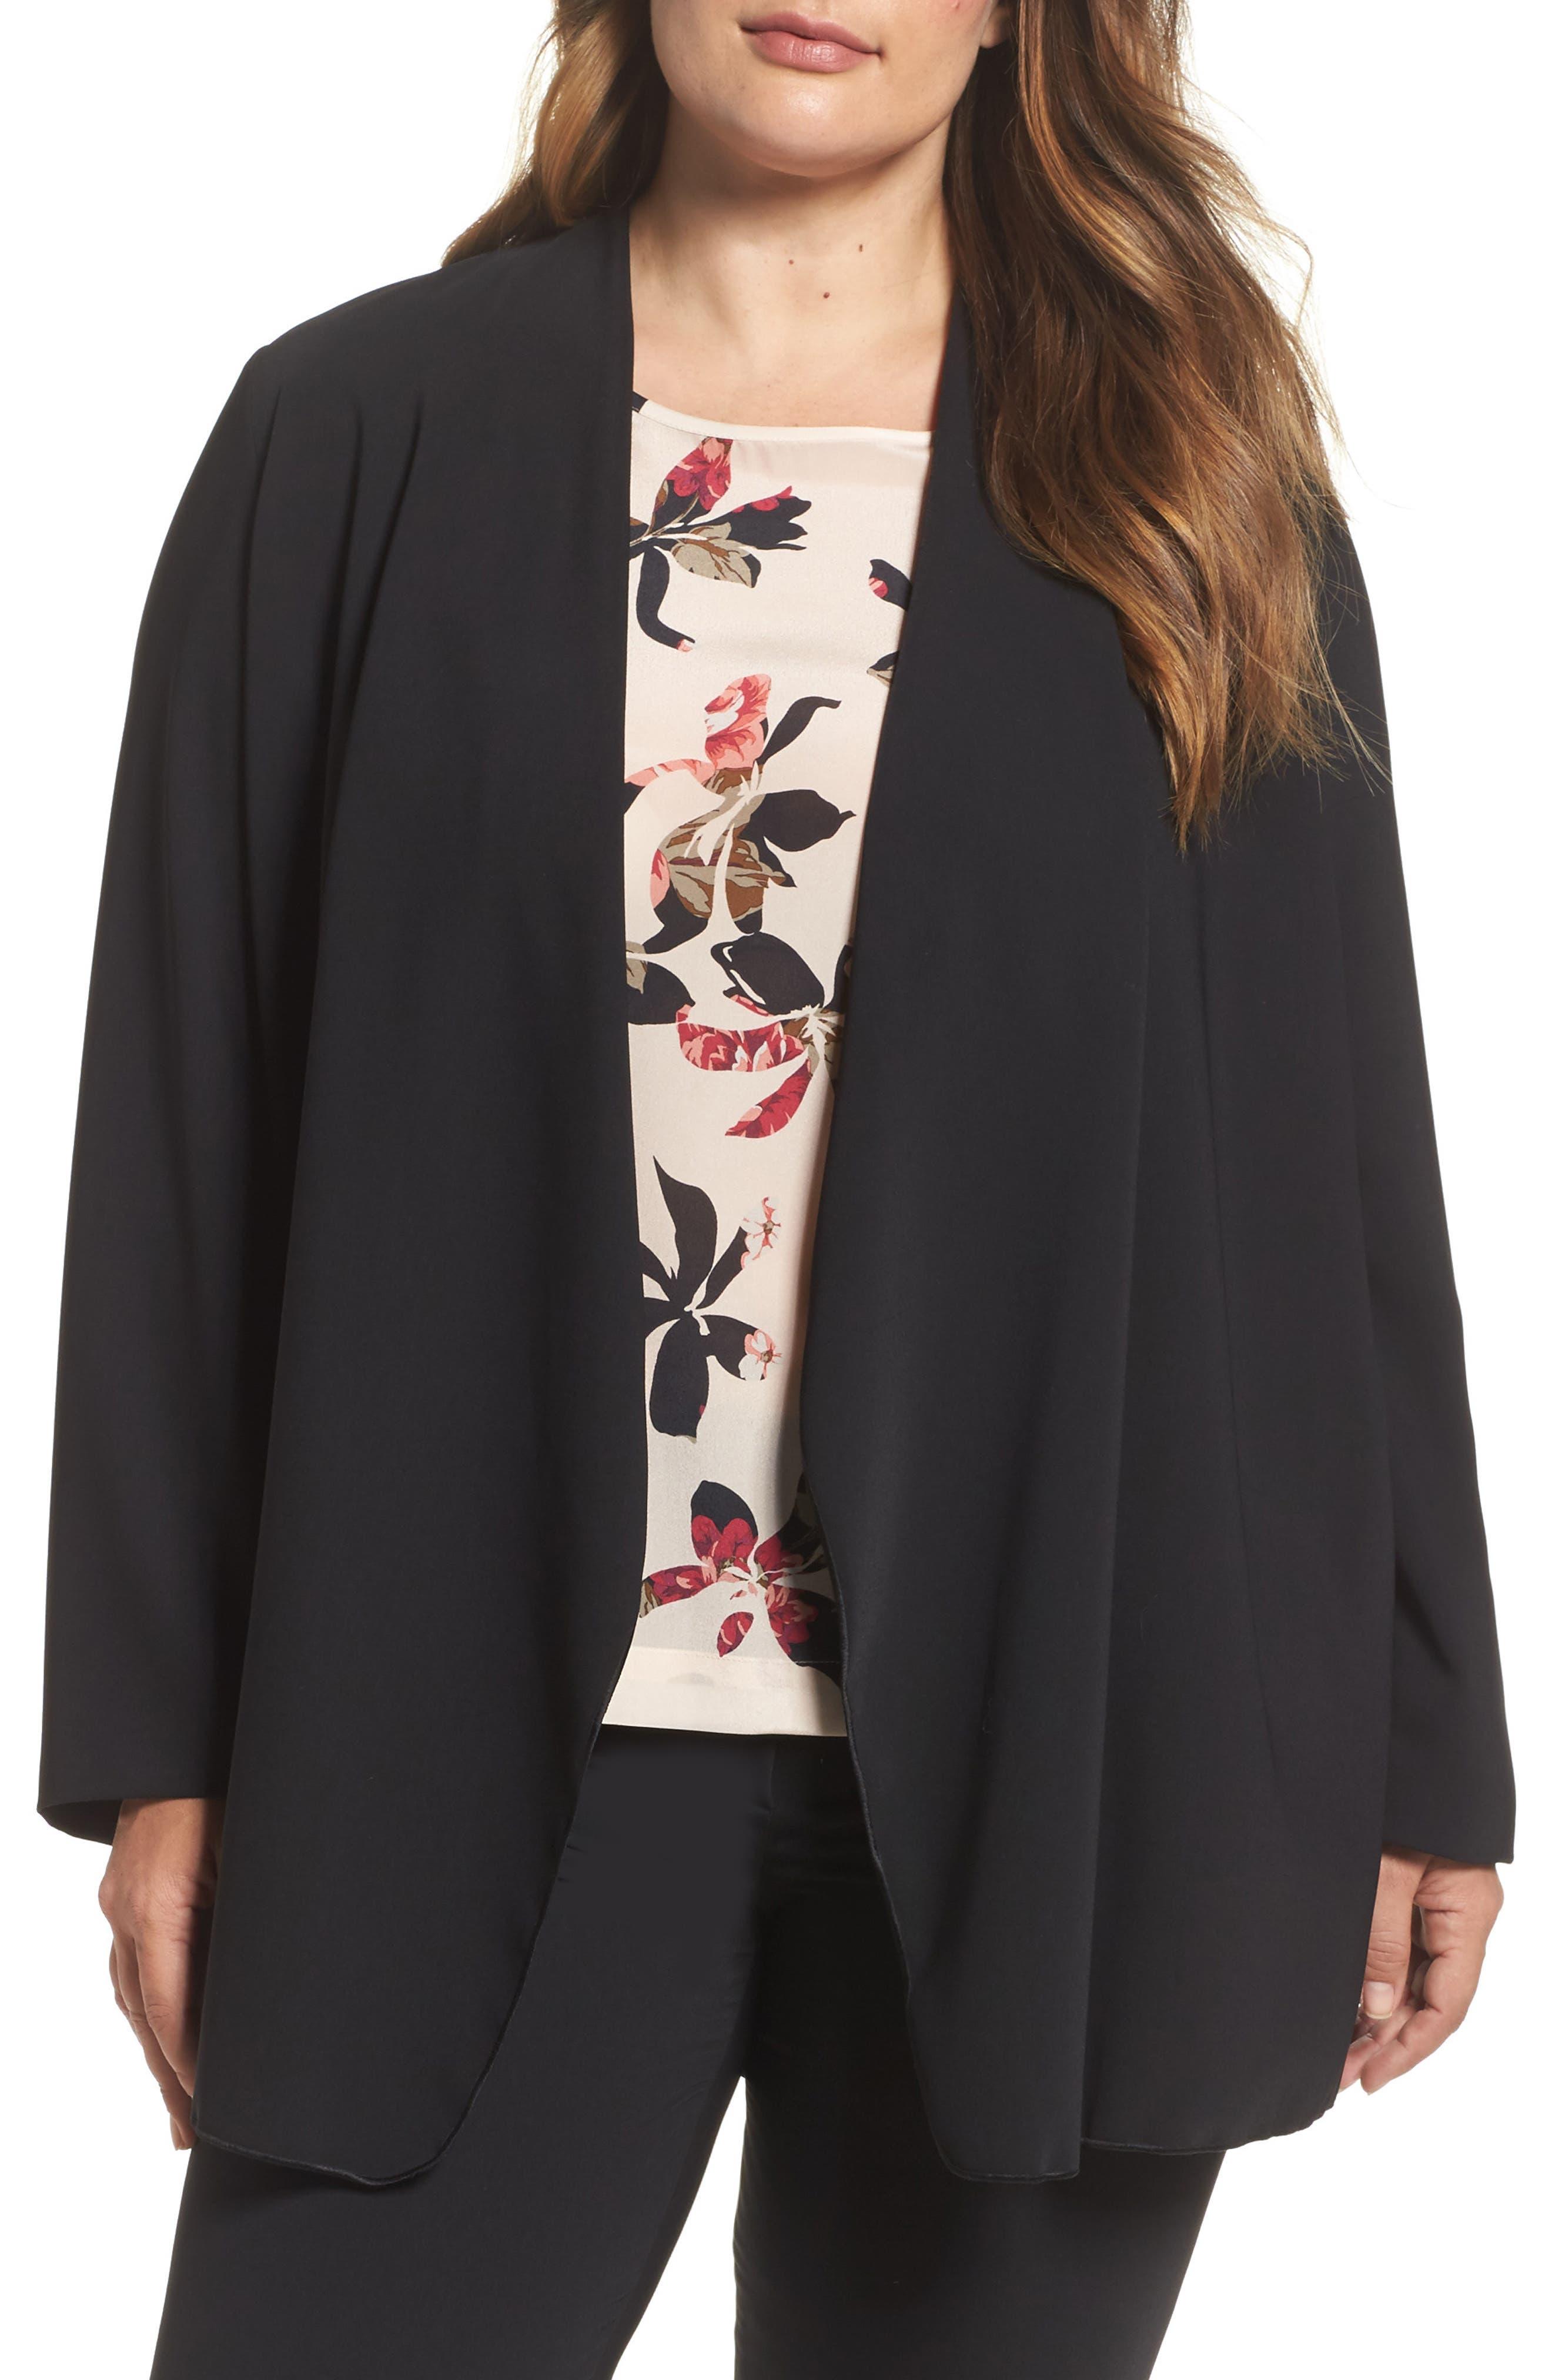 PERSONA BY MARINA RINALDI Drape Front Jacket